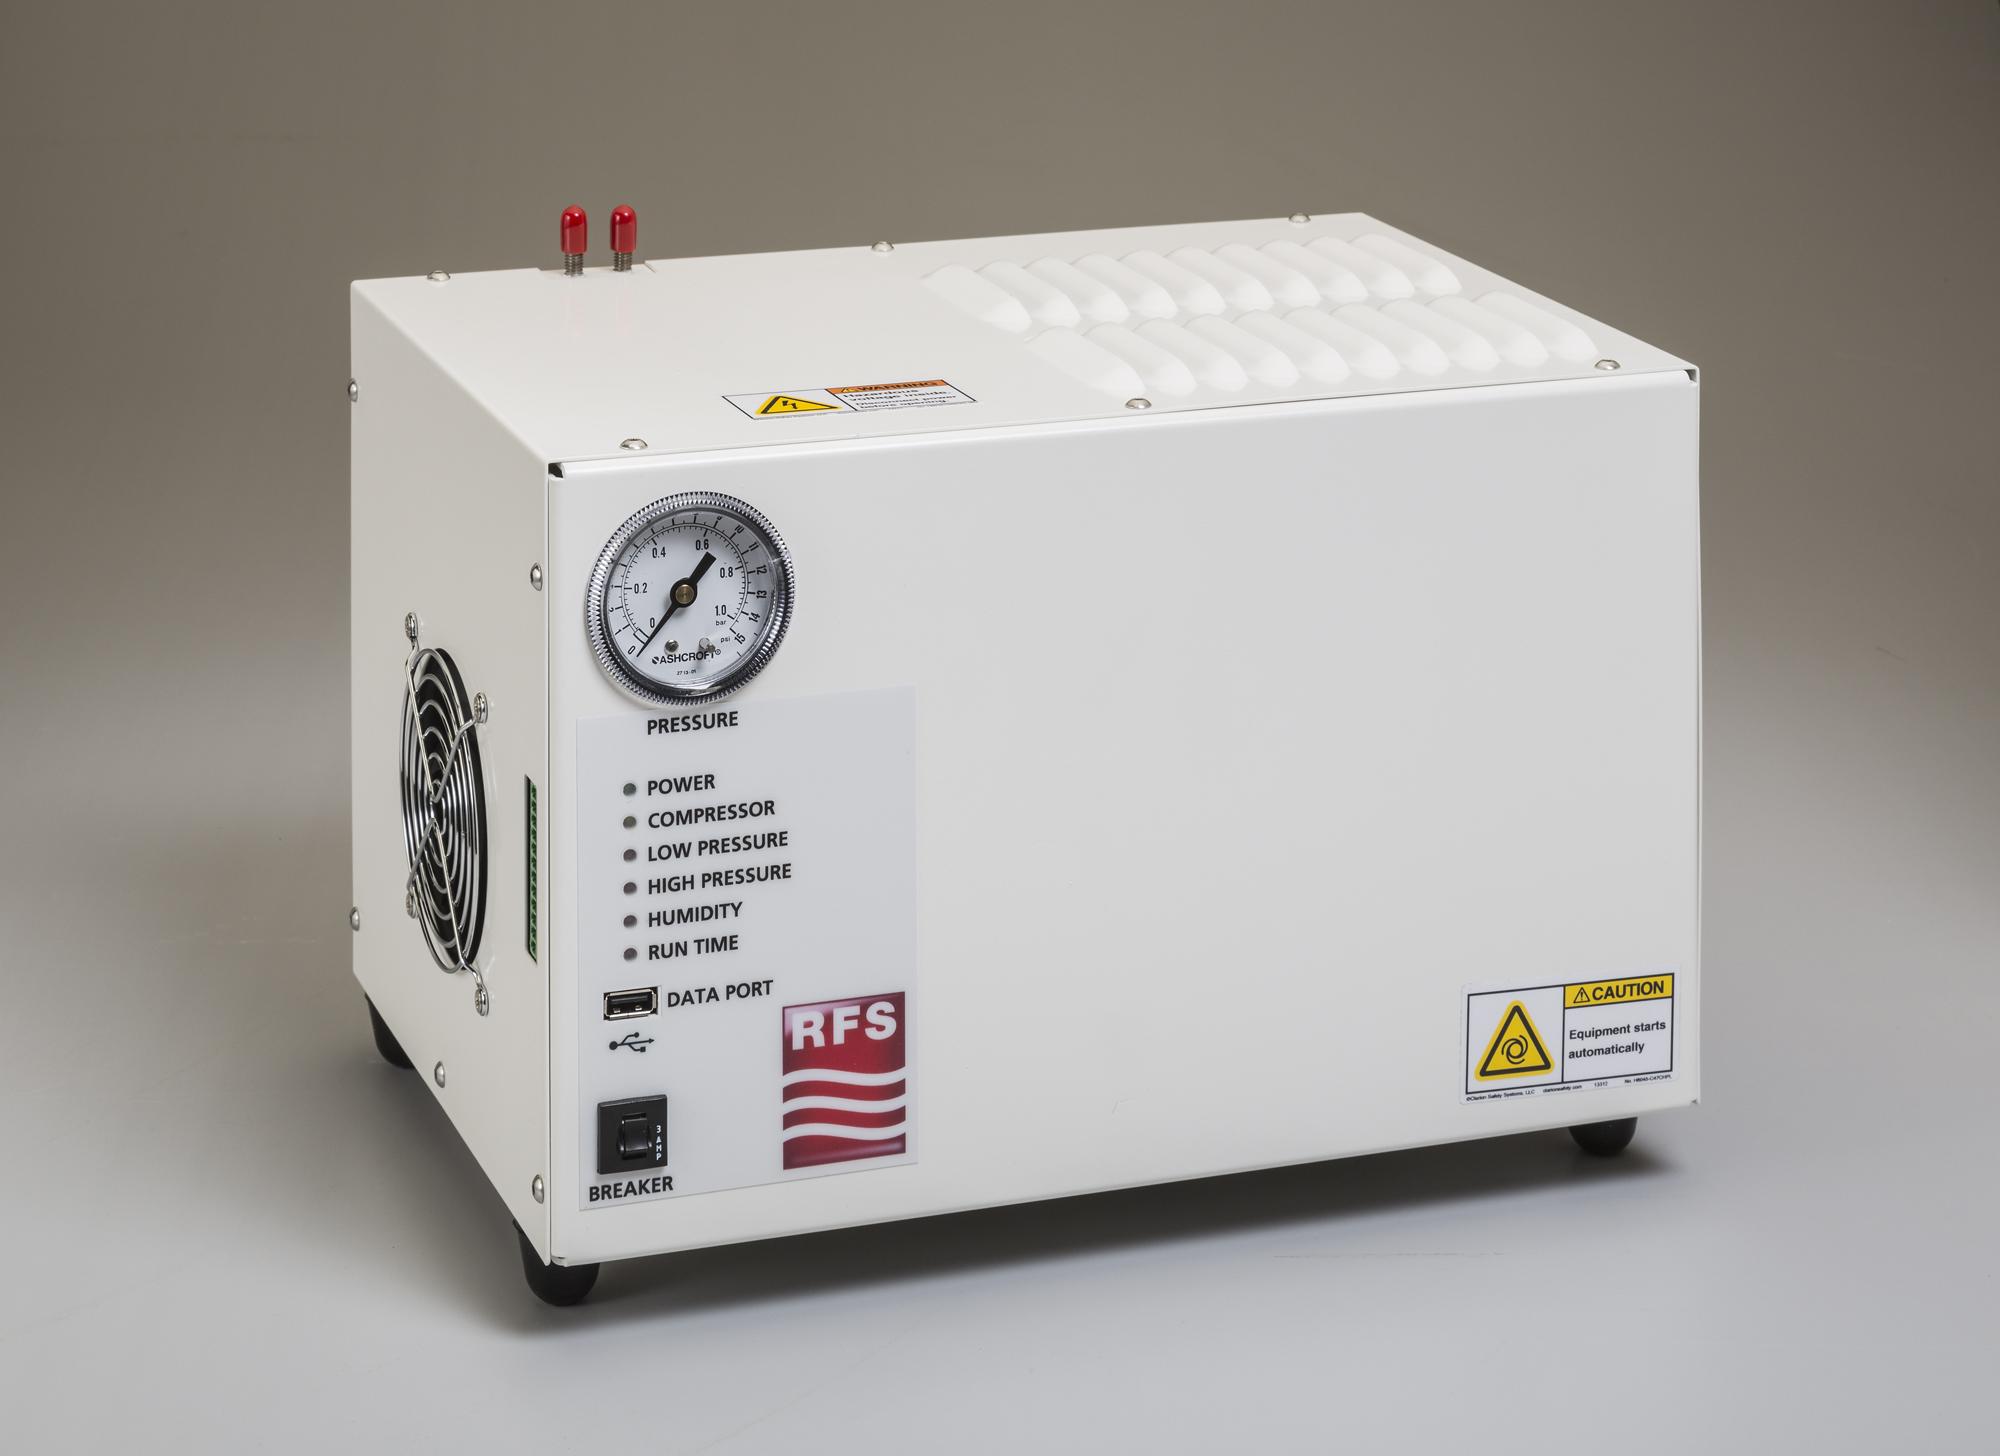 RFS: RFS Announces Digital Dehydrator For Microwave